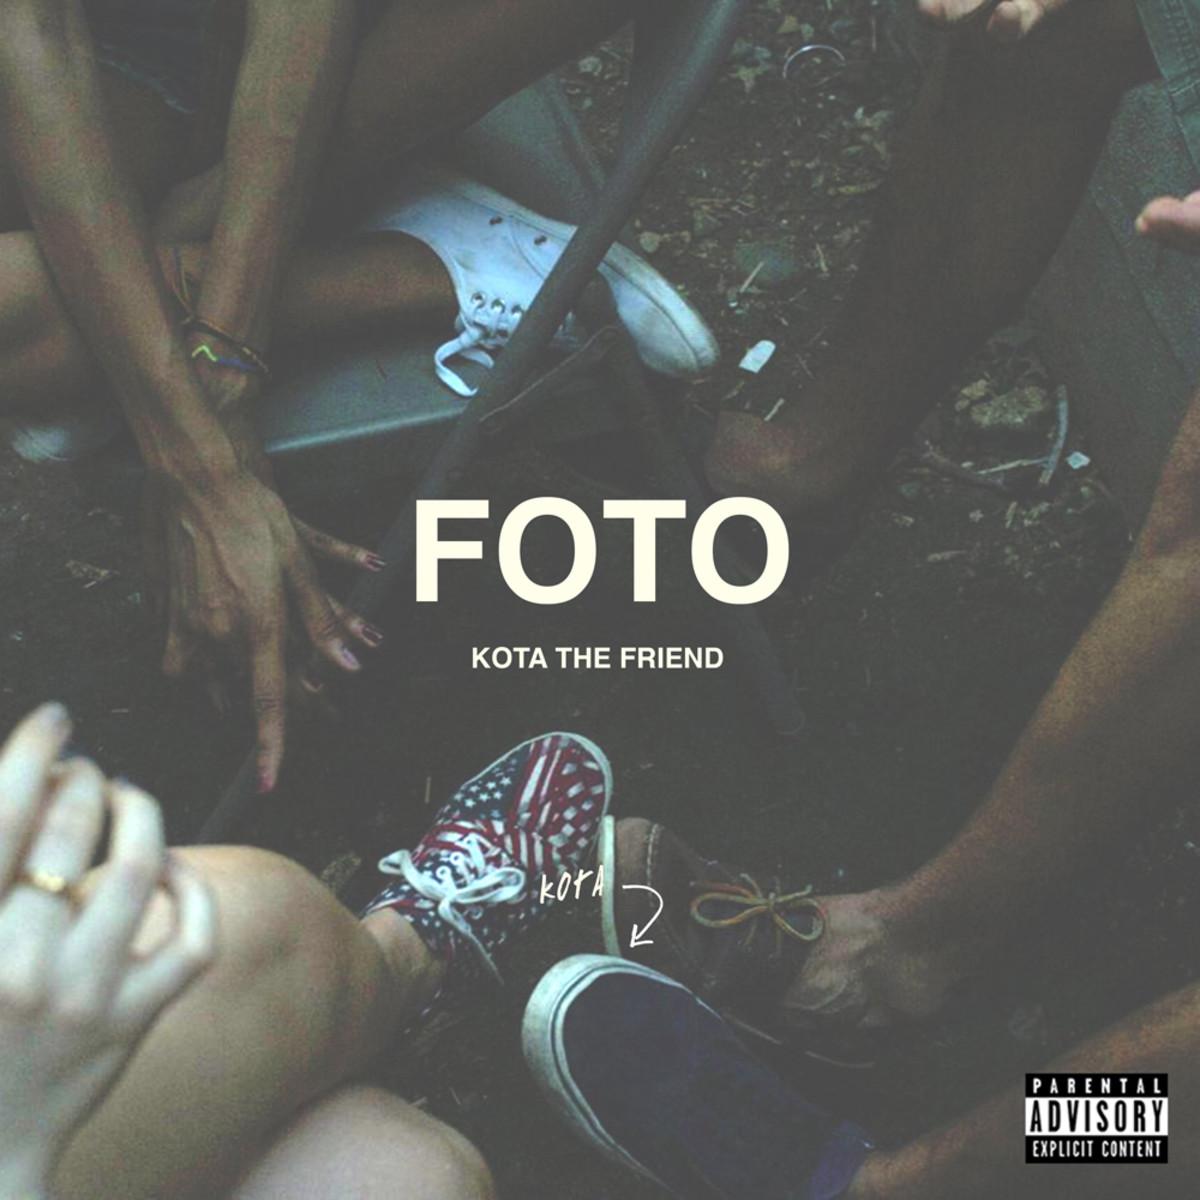 kota-the-friend-foto